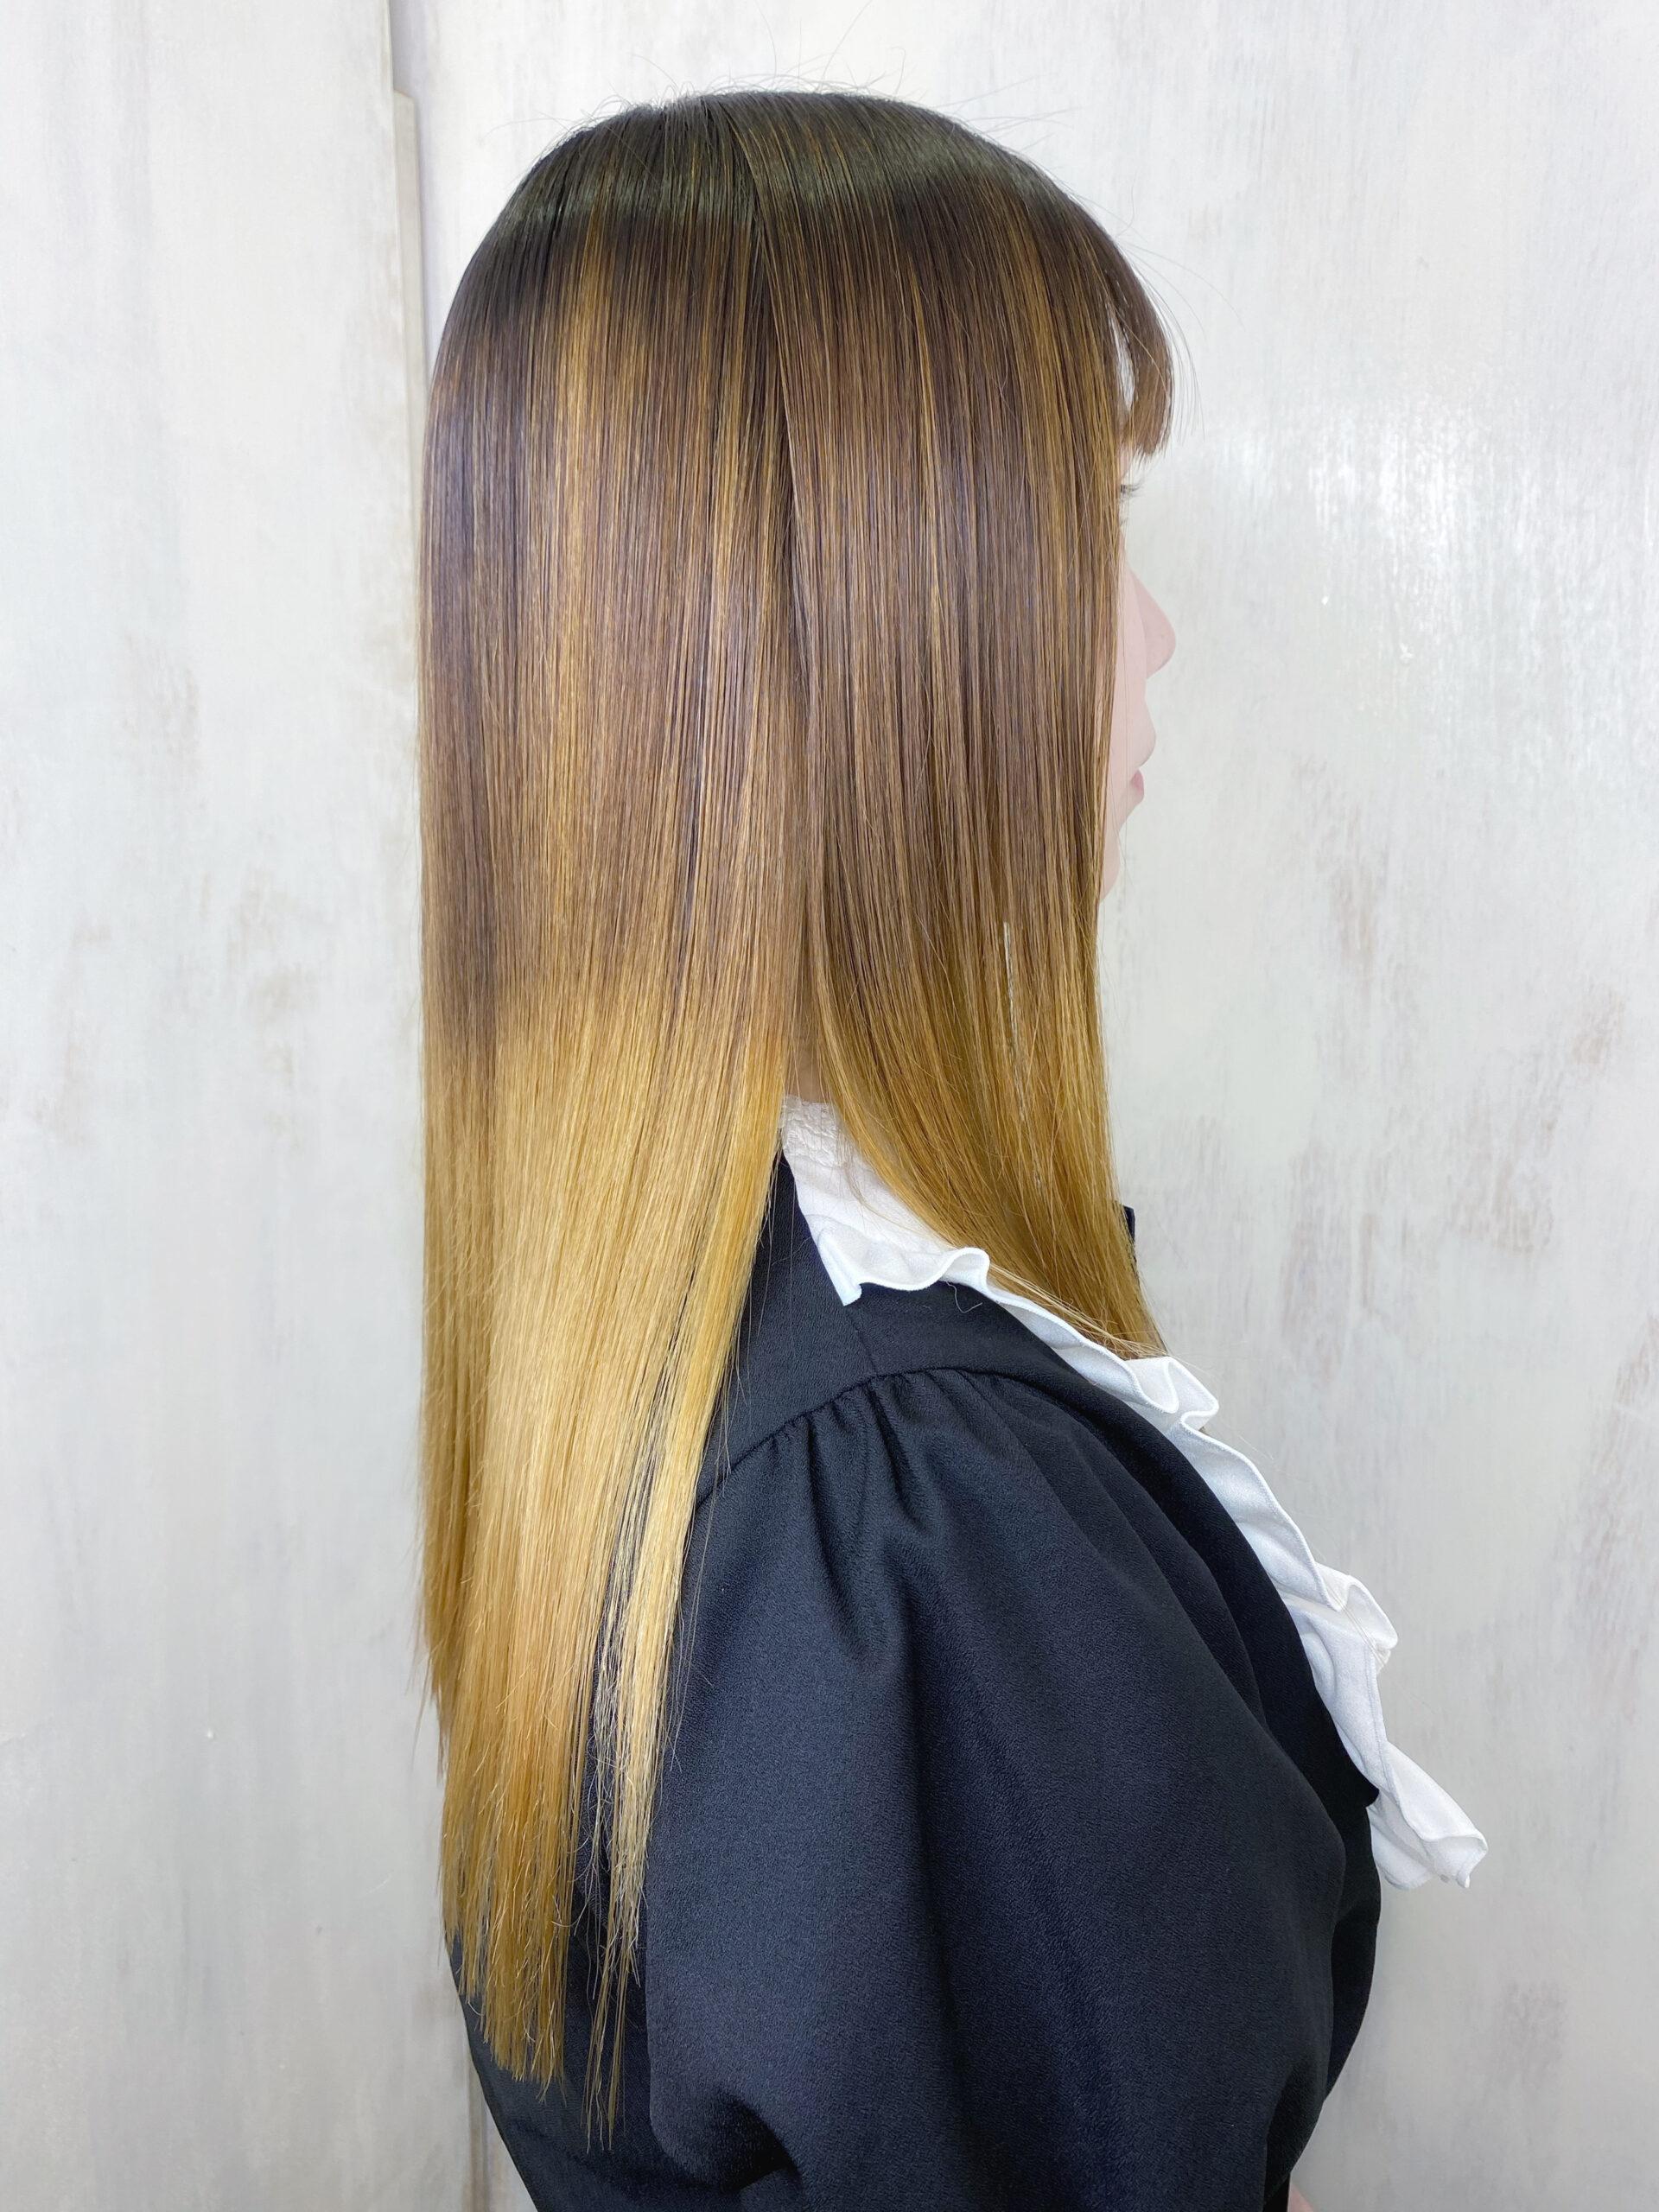 ブリーチ毛の方を【ジュエリーシステムシリーズ×縮毛矯正】でつやっつやの艶髪ストレートヘア。原宿・表参道『髪のお悩みを解決するヘアケア美容師の挑戦』